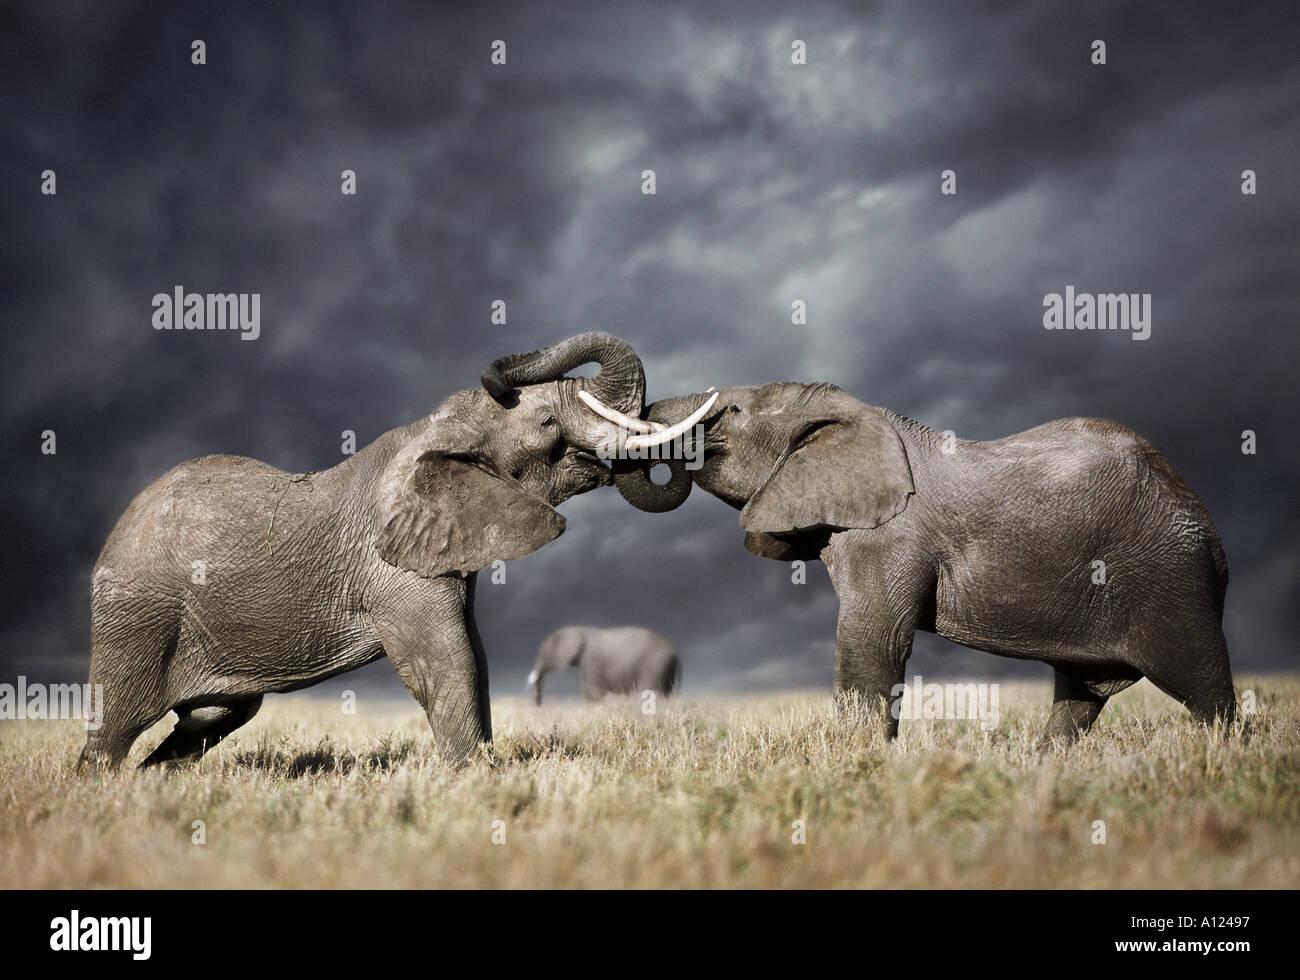 La lutte contre les éléphants ciel orageux Masai Mara, Kenya Photo Stock